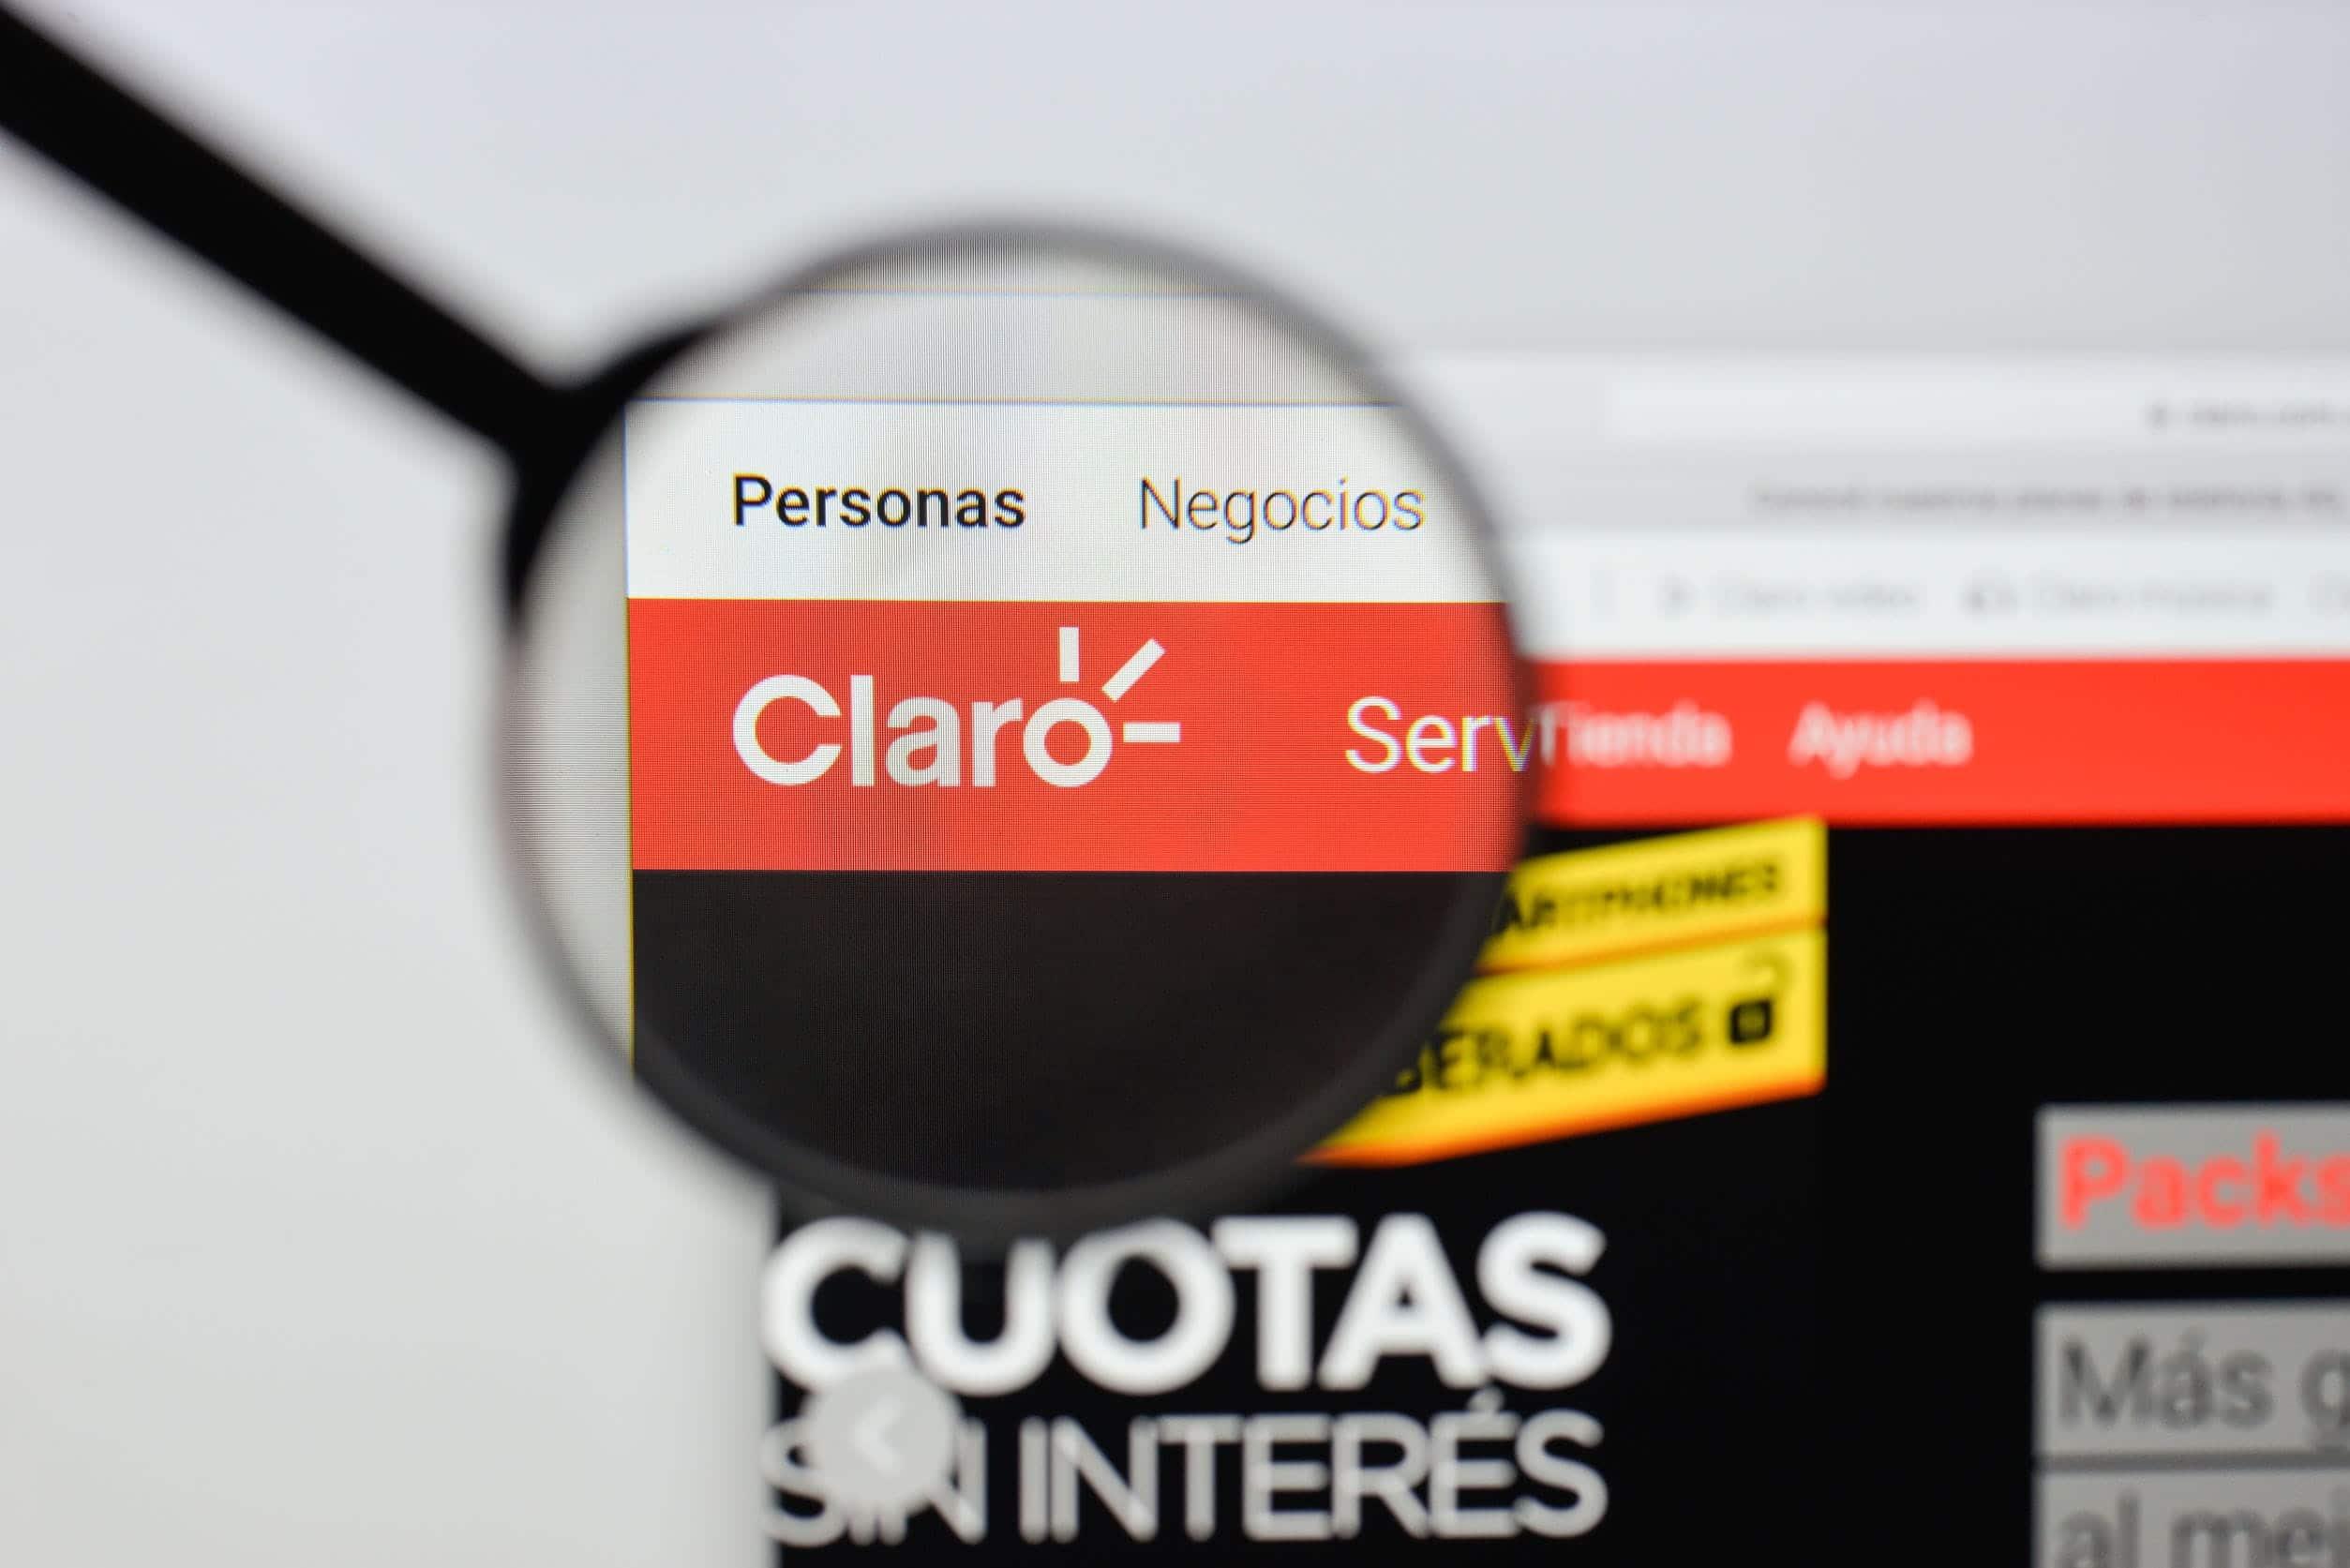 COMO SABER MI NUMERO DE CUENTA HOGAR CLARO